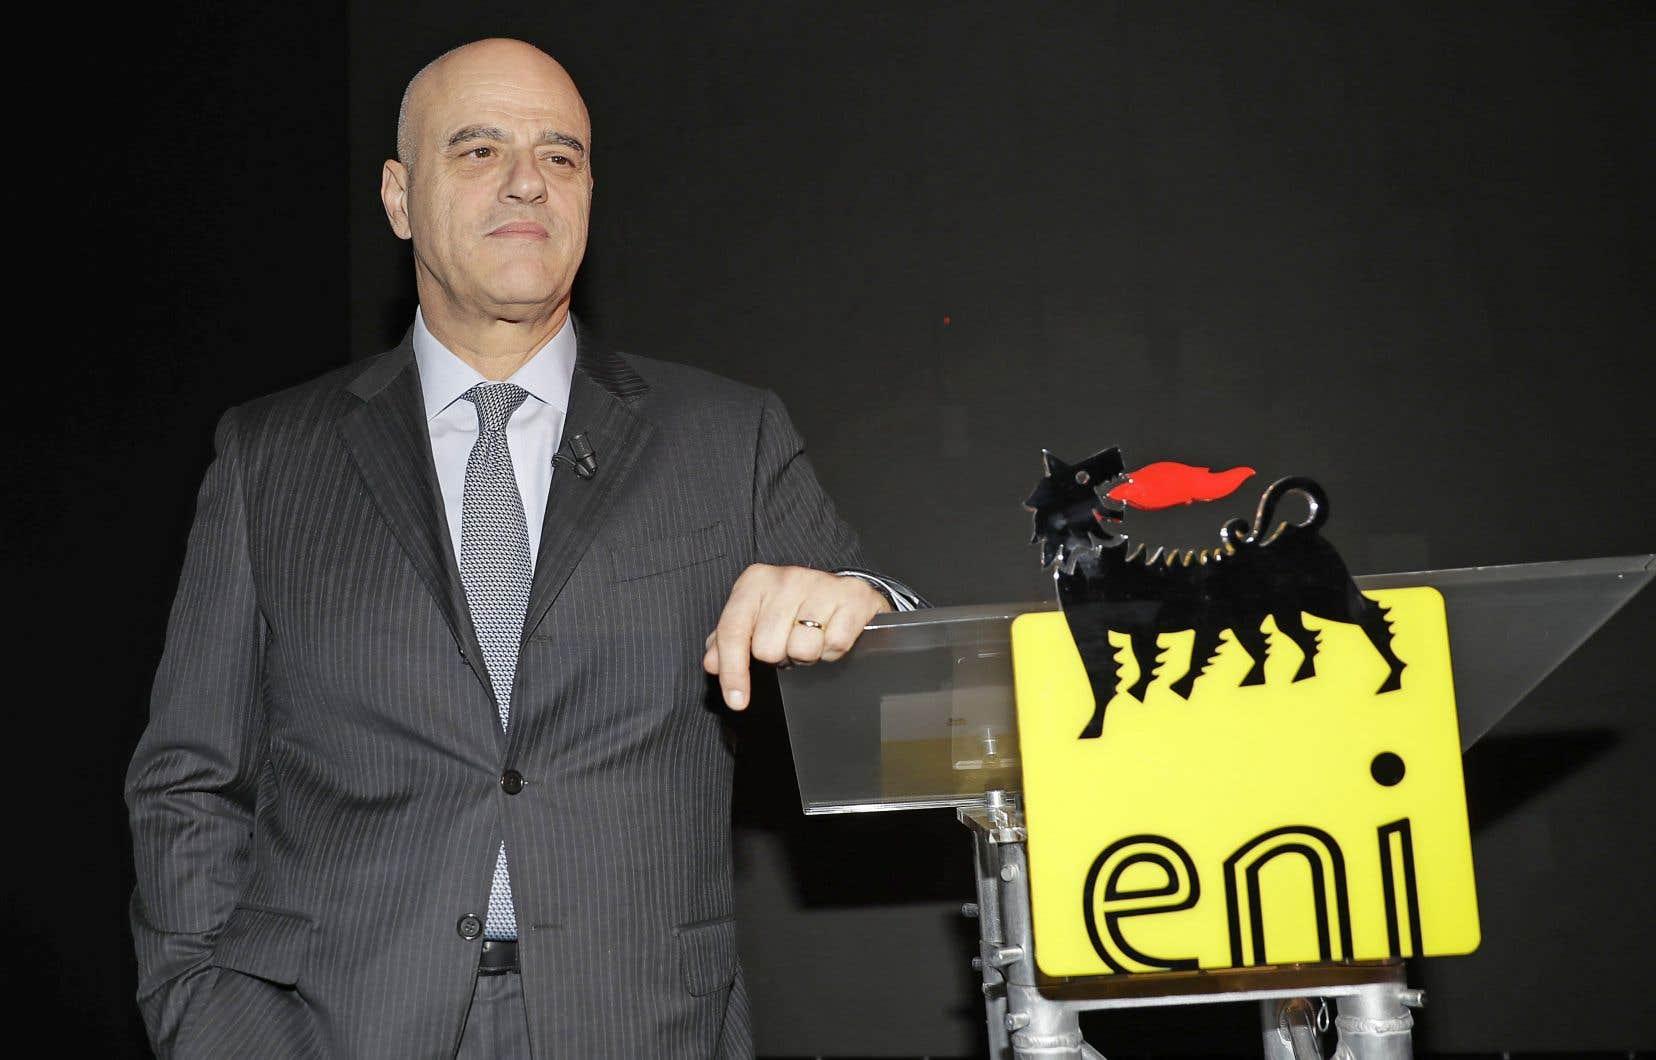 La poursuite vise plusieurs patrons actuels et anciens des deux entreprises, dont le président et chef de la direction d'Eni, Claudio Descalzi.